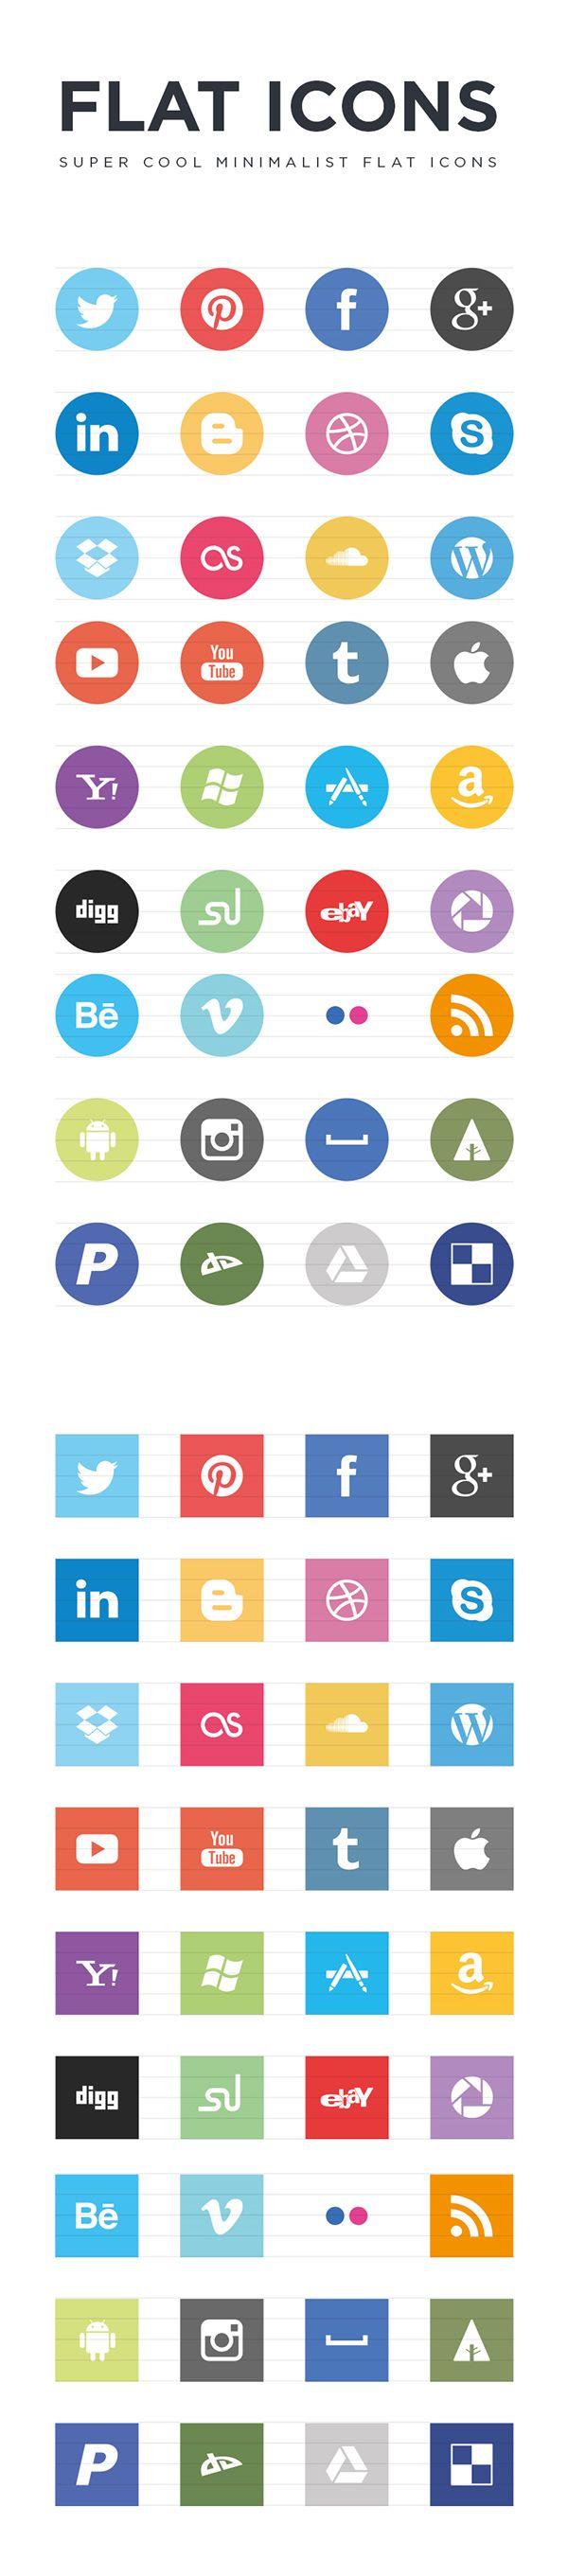 Free Flat Social Icons EPS Web design freebies, Web